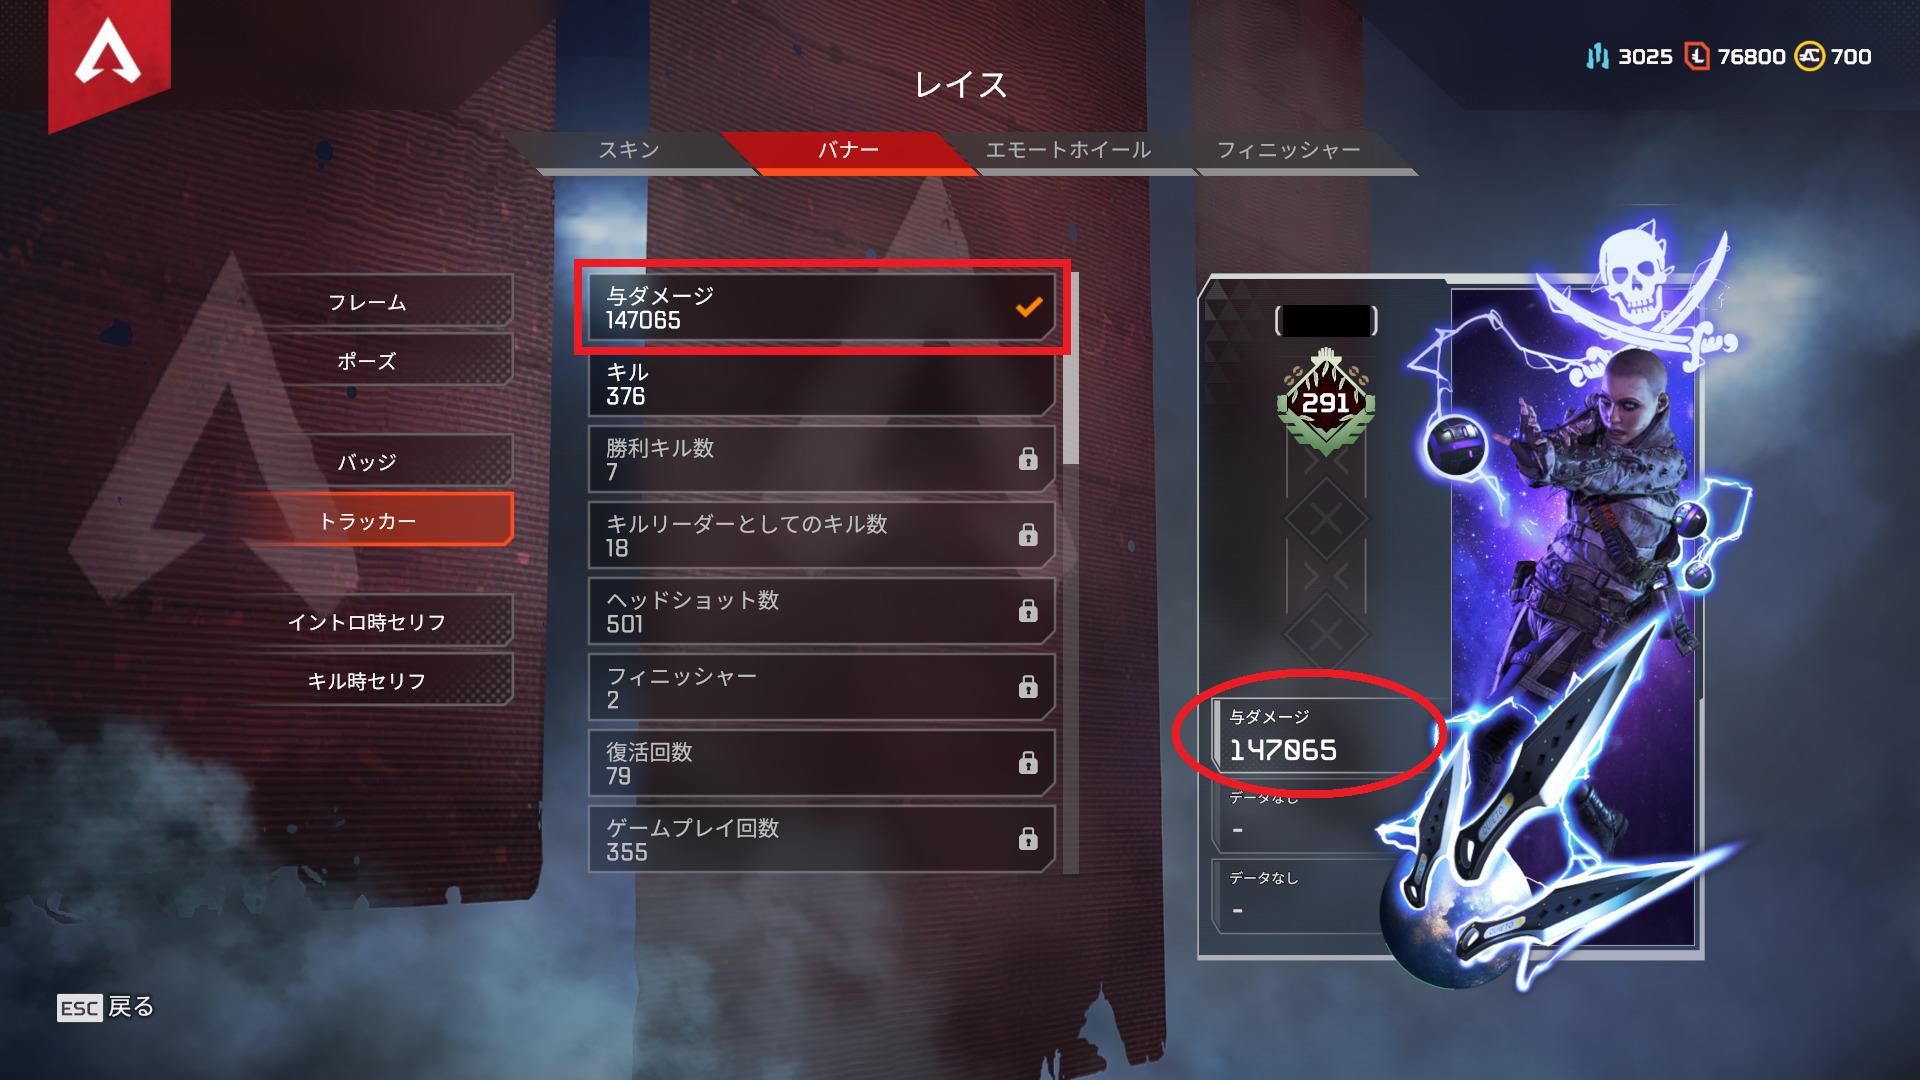 【APEX LEGENDS】マッチ中にダメージを確認する方法